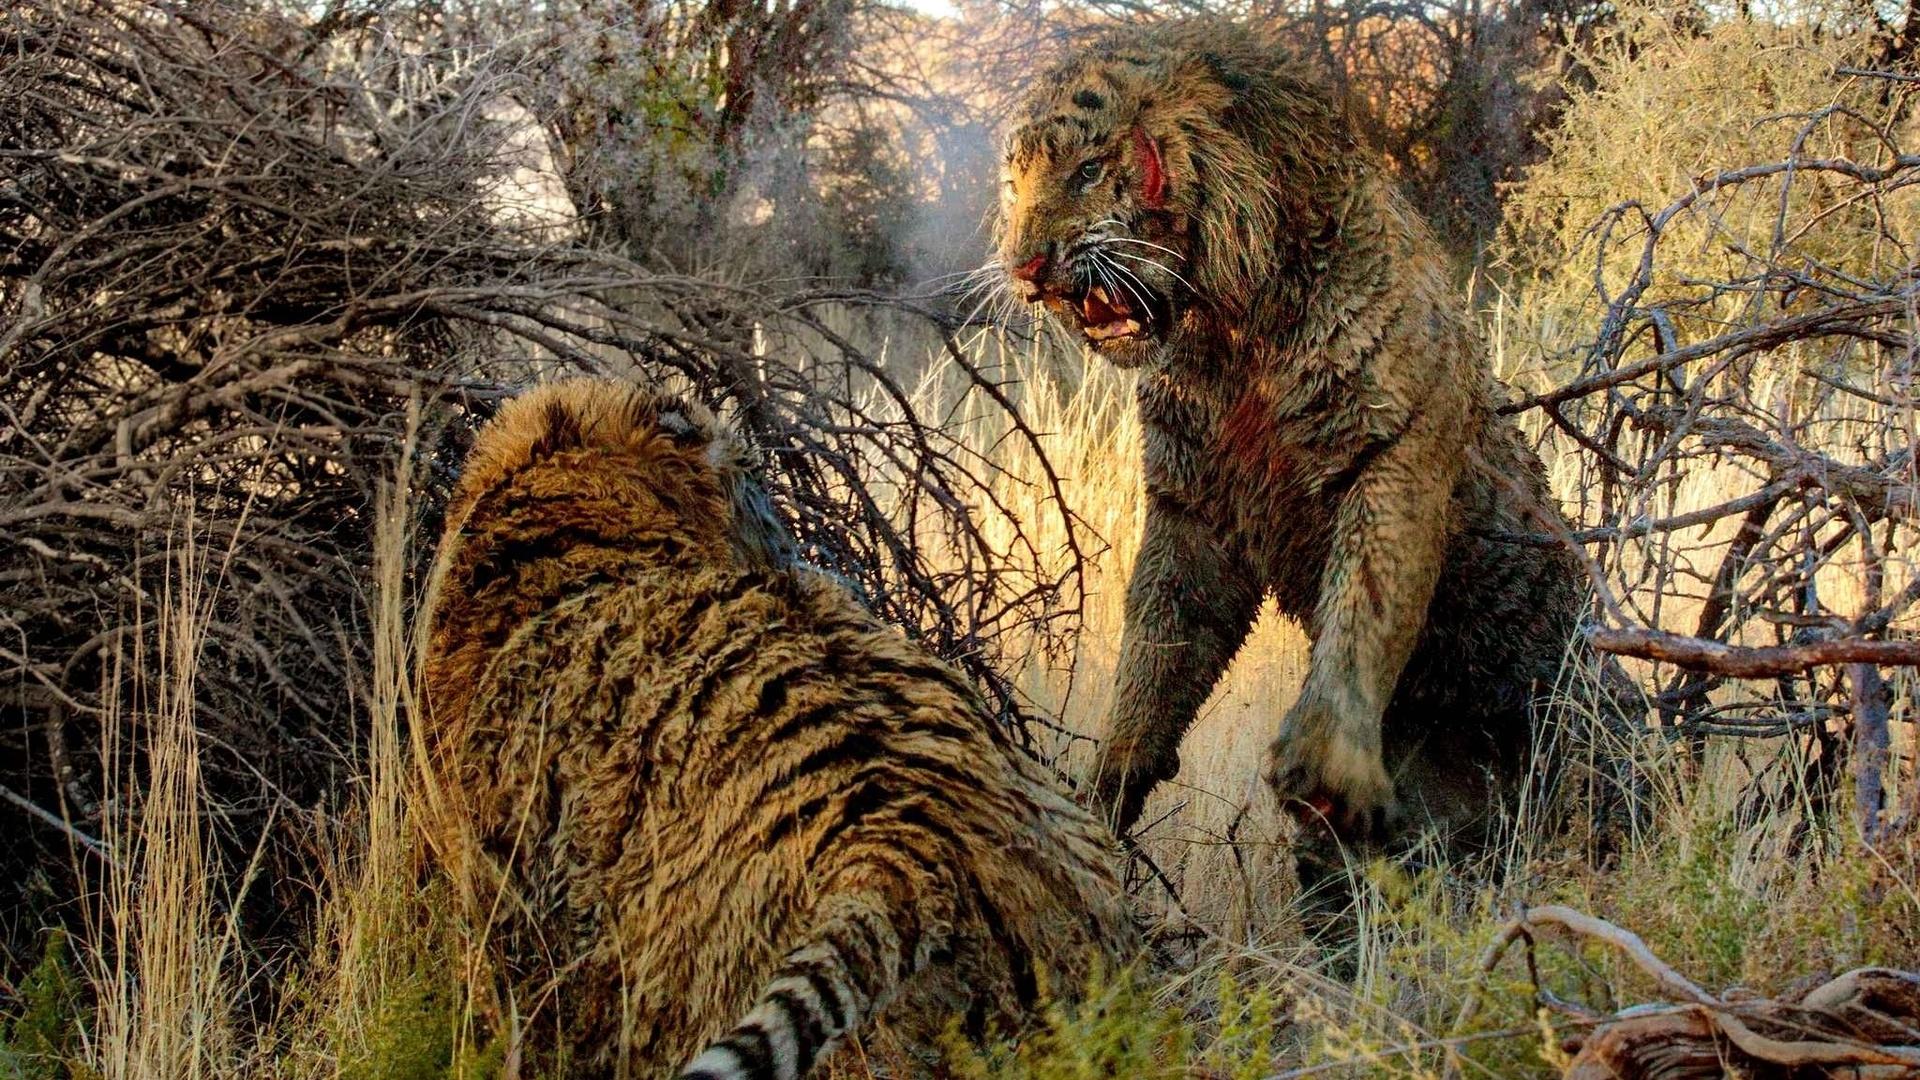 Самый опасный хищник в мире видео как